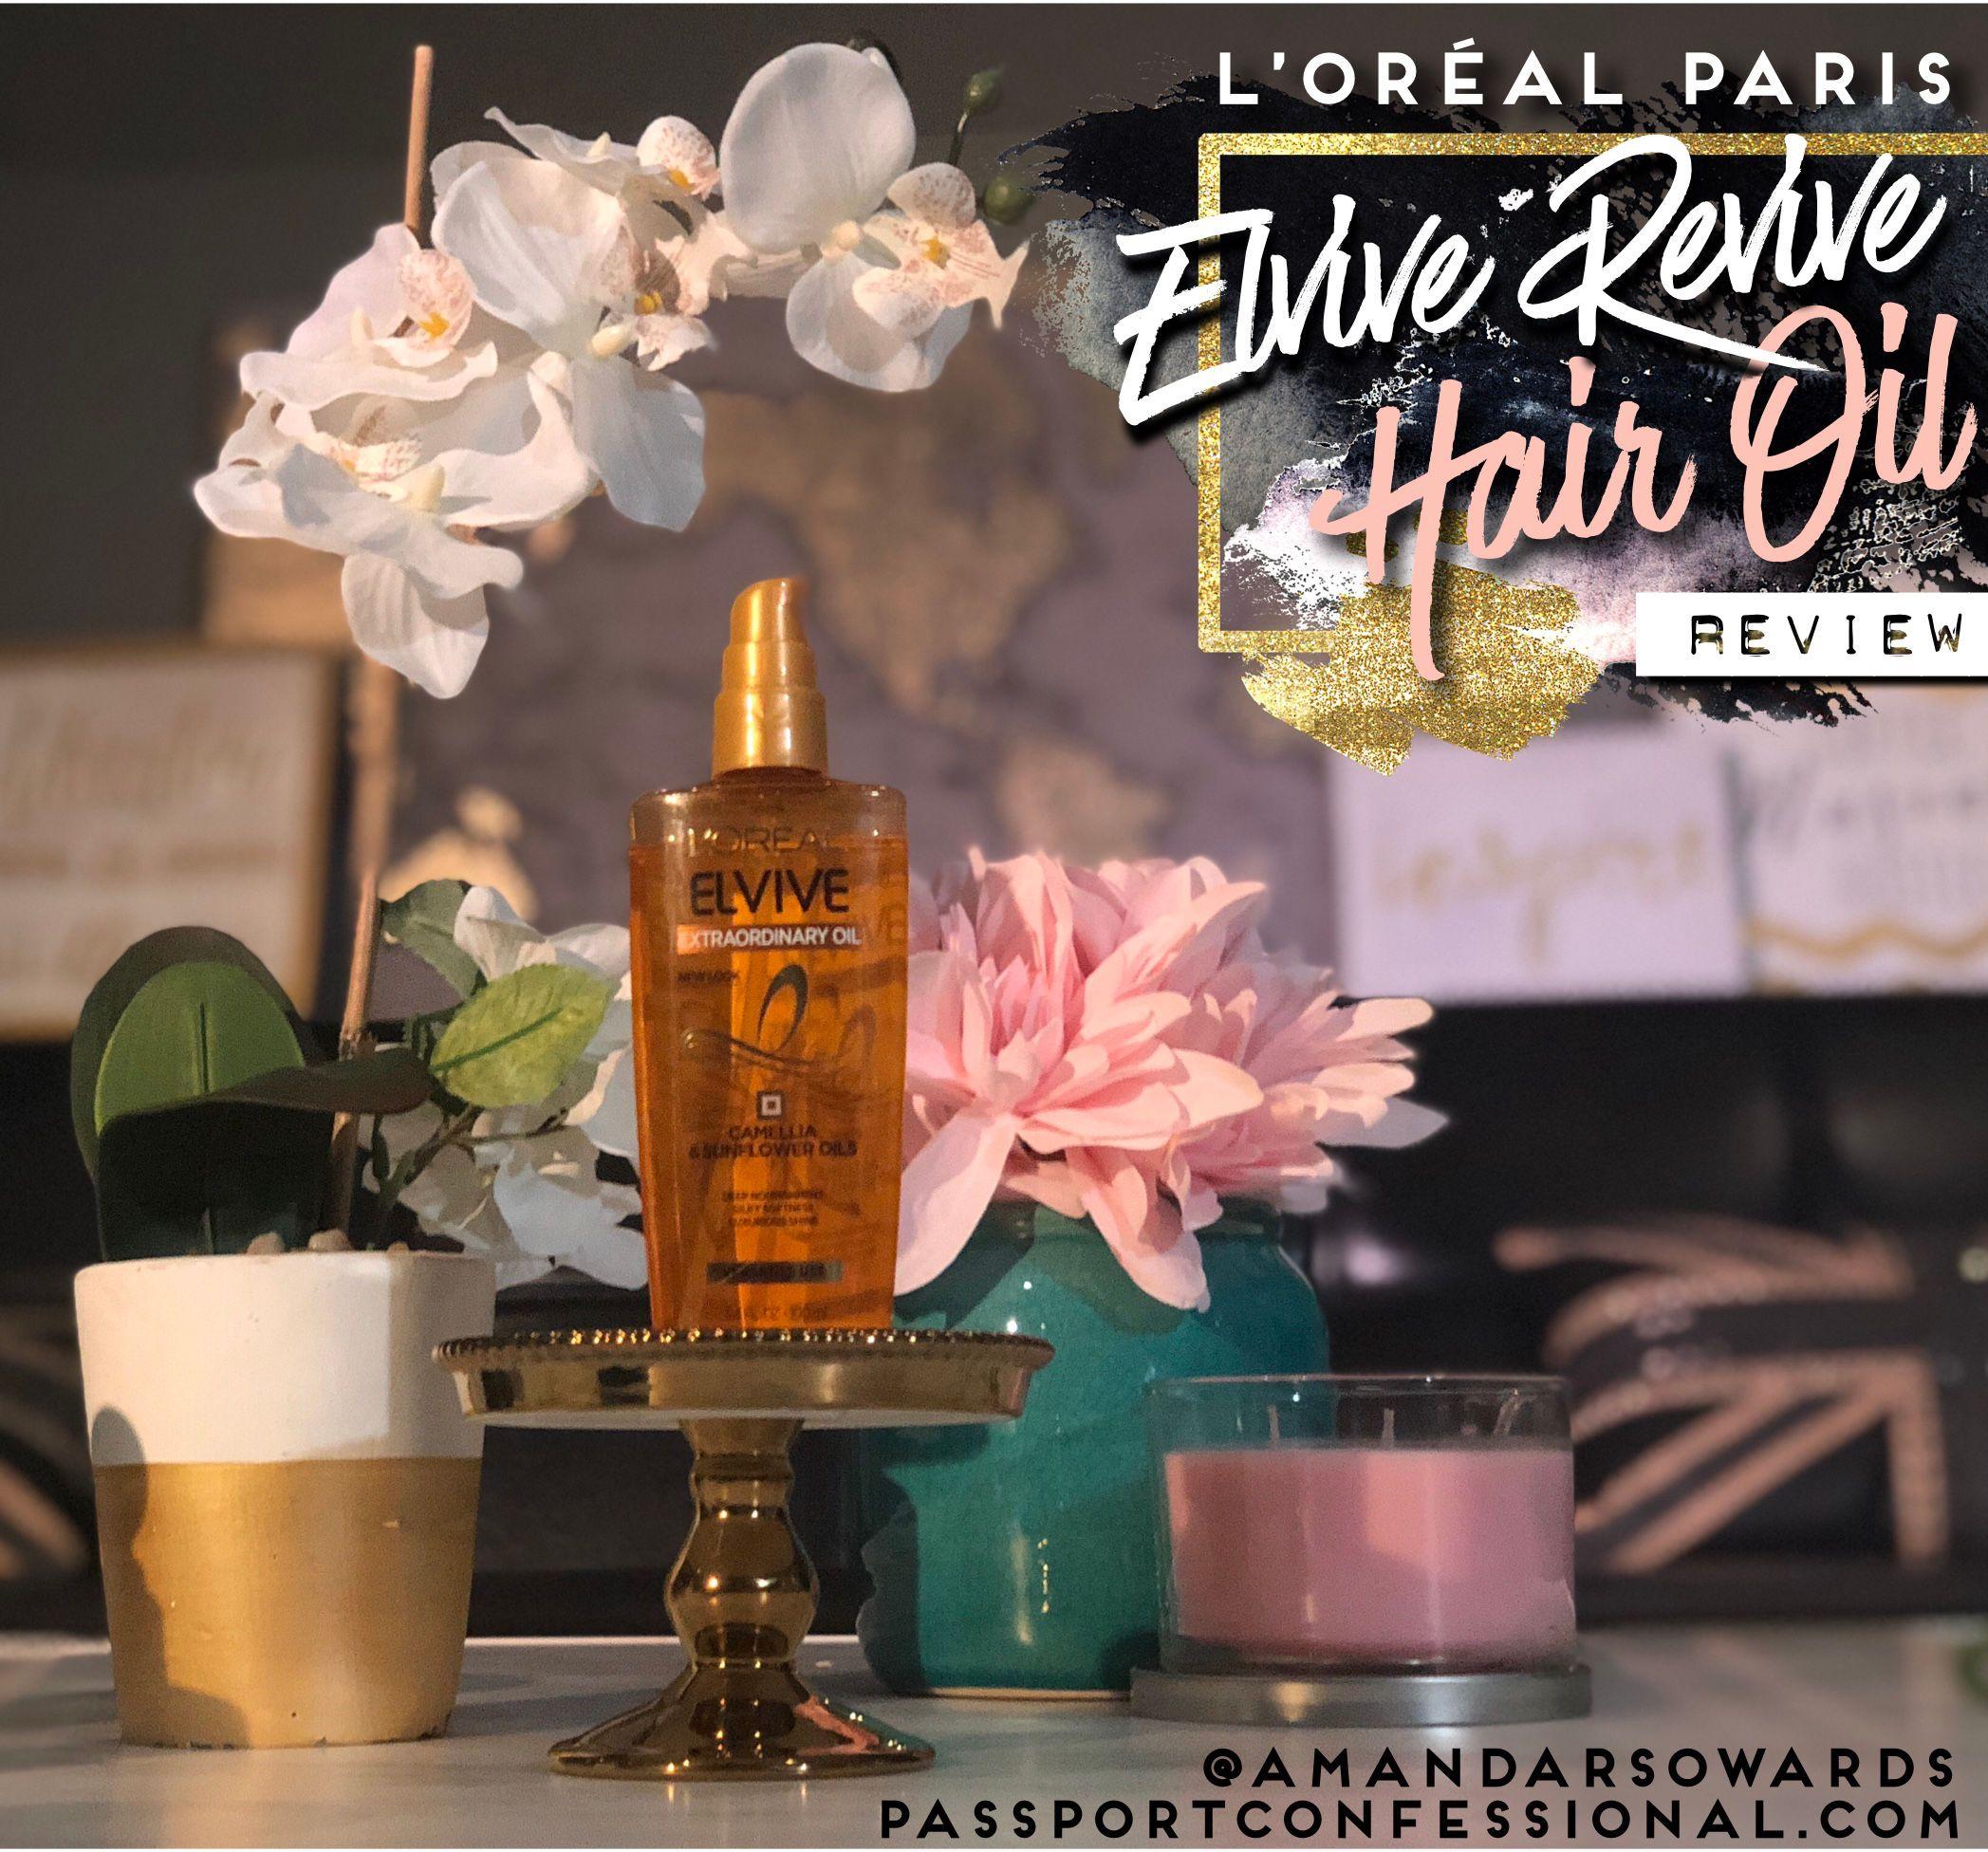 Elvive Revive Hair Oil Review L'Oréal Paris Loreal